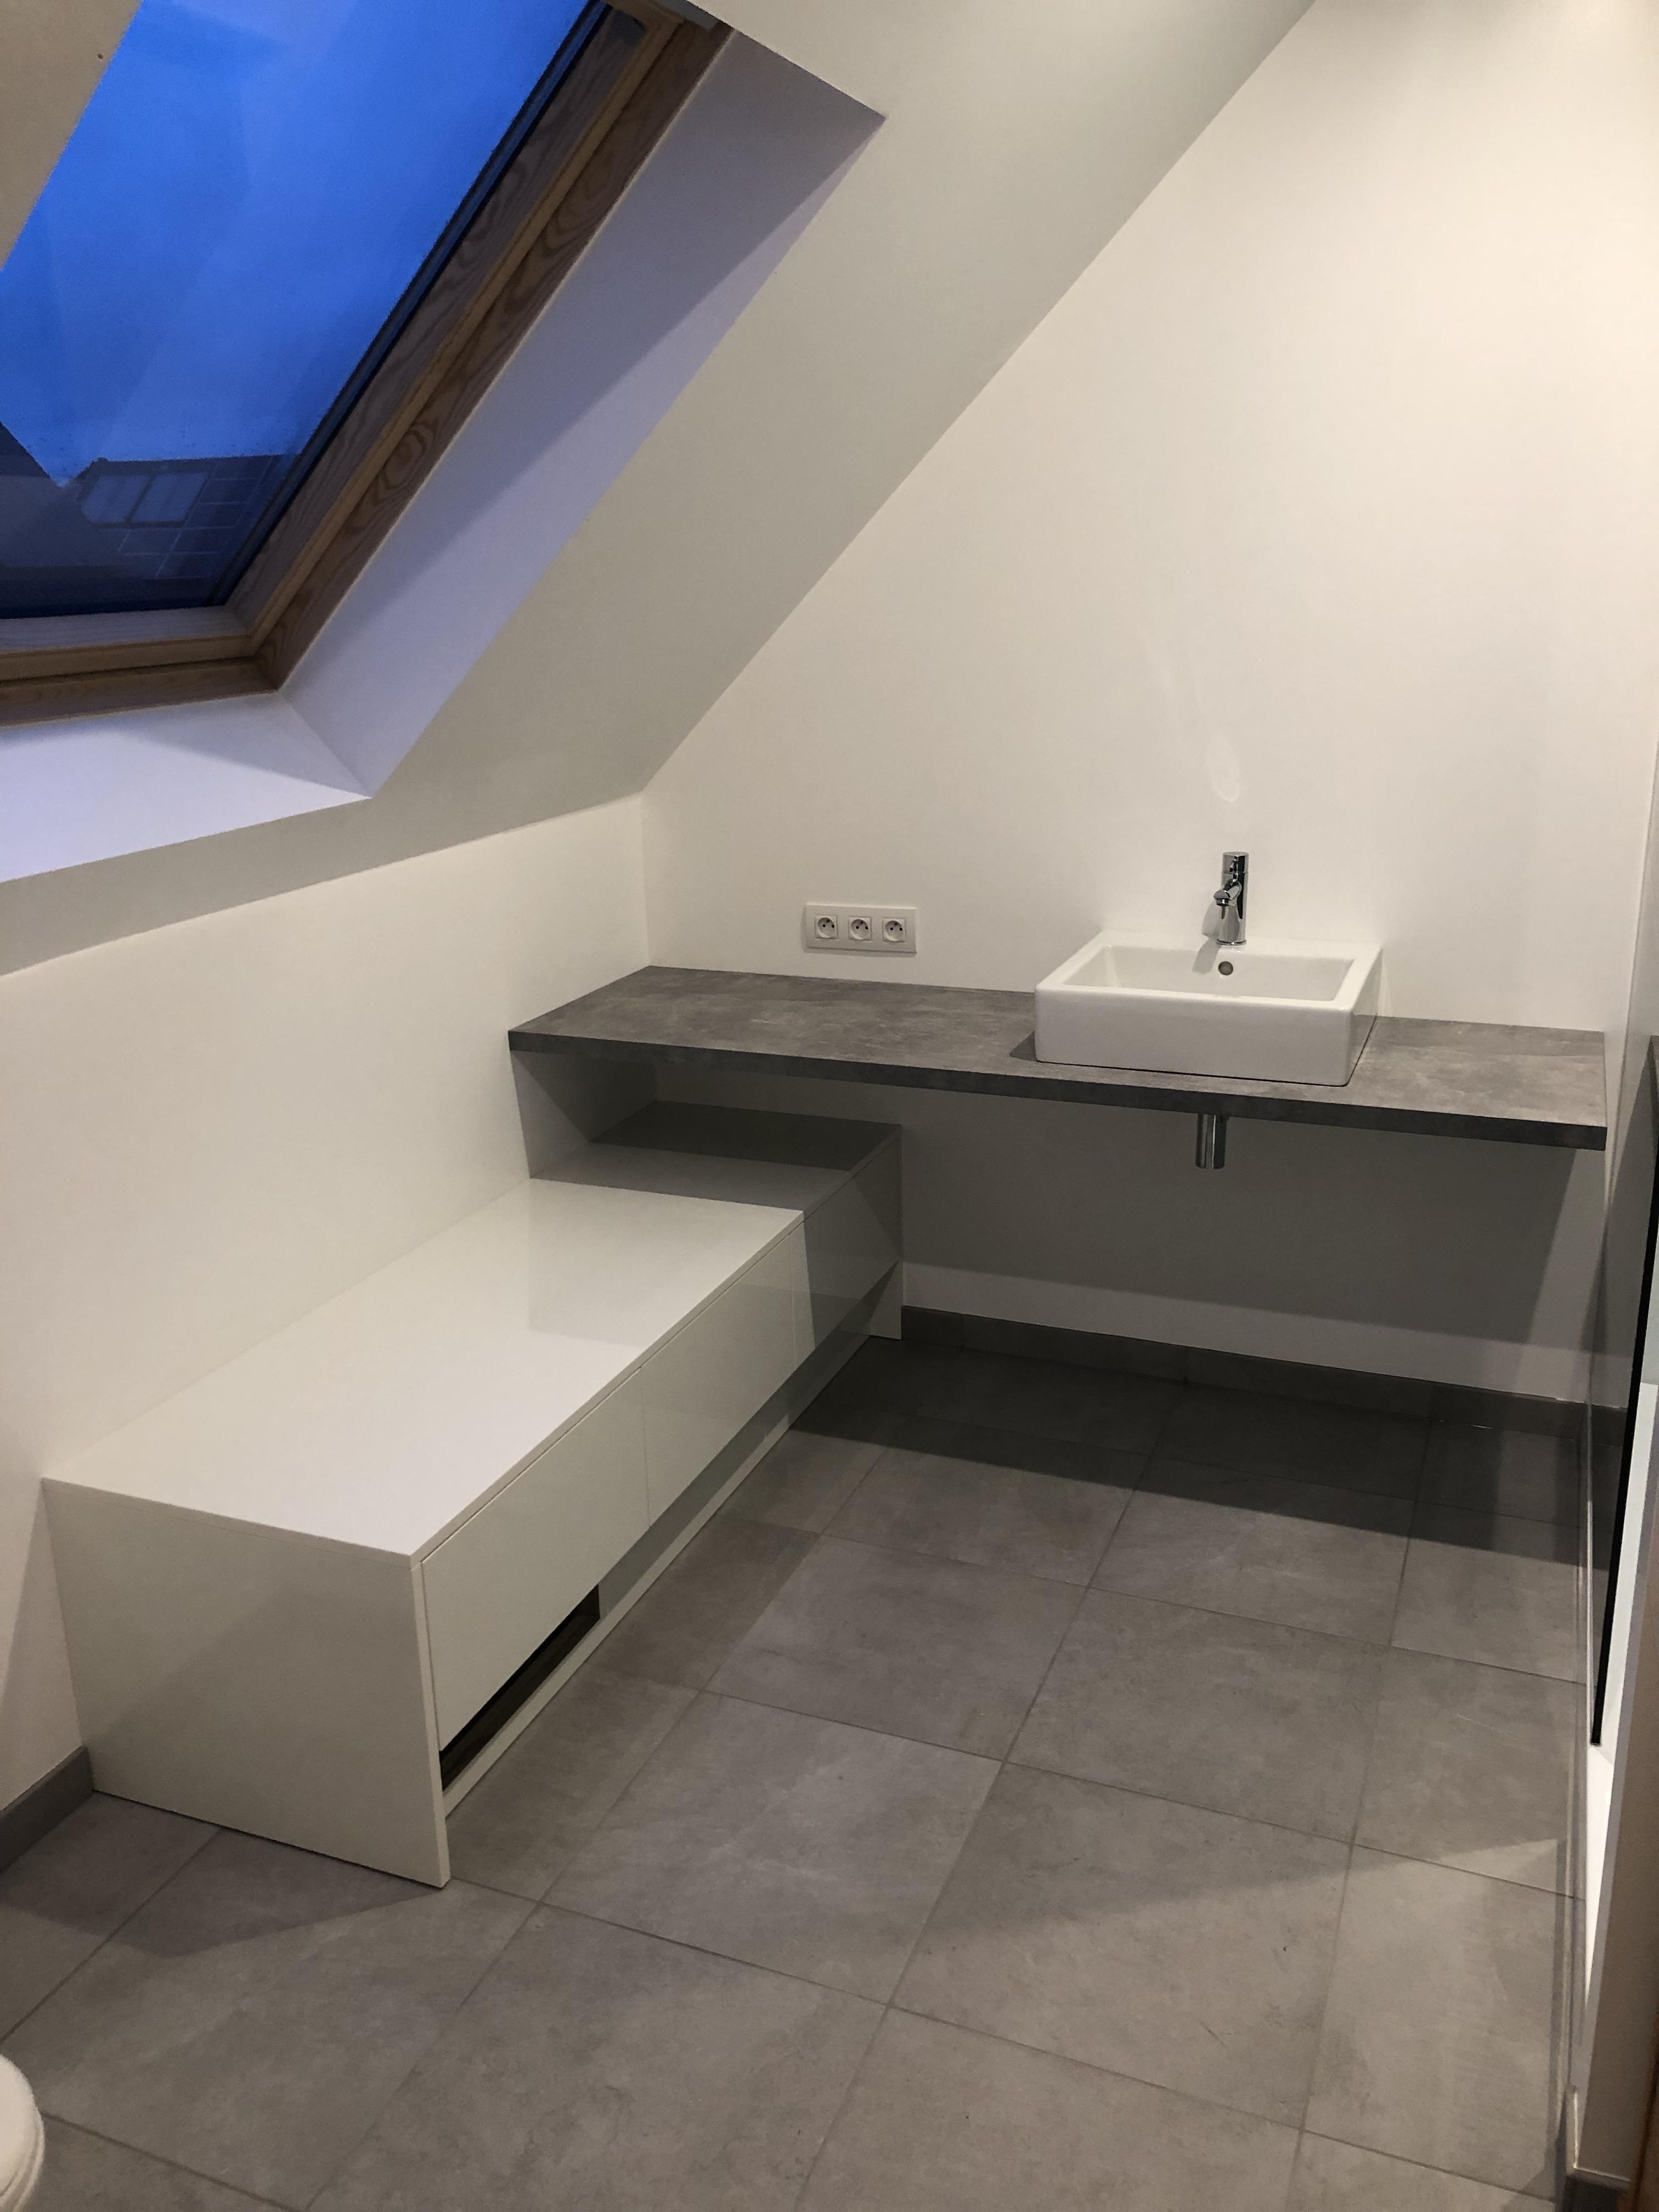 Renovatie Badkamer Dessel : Zeer mooie en moderne badkamer renovatie beerse bart nagels